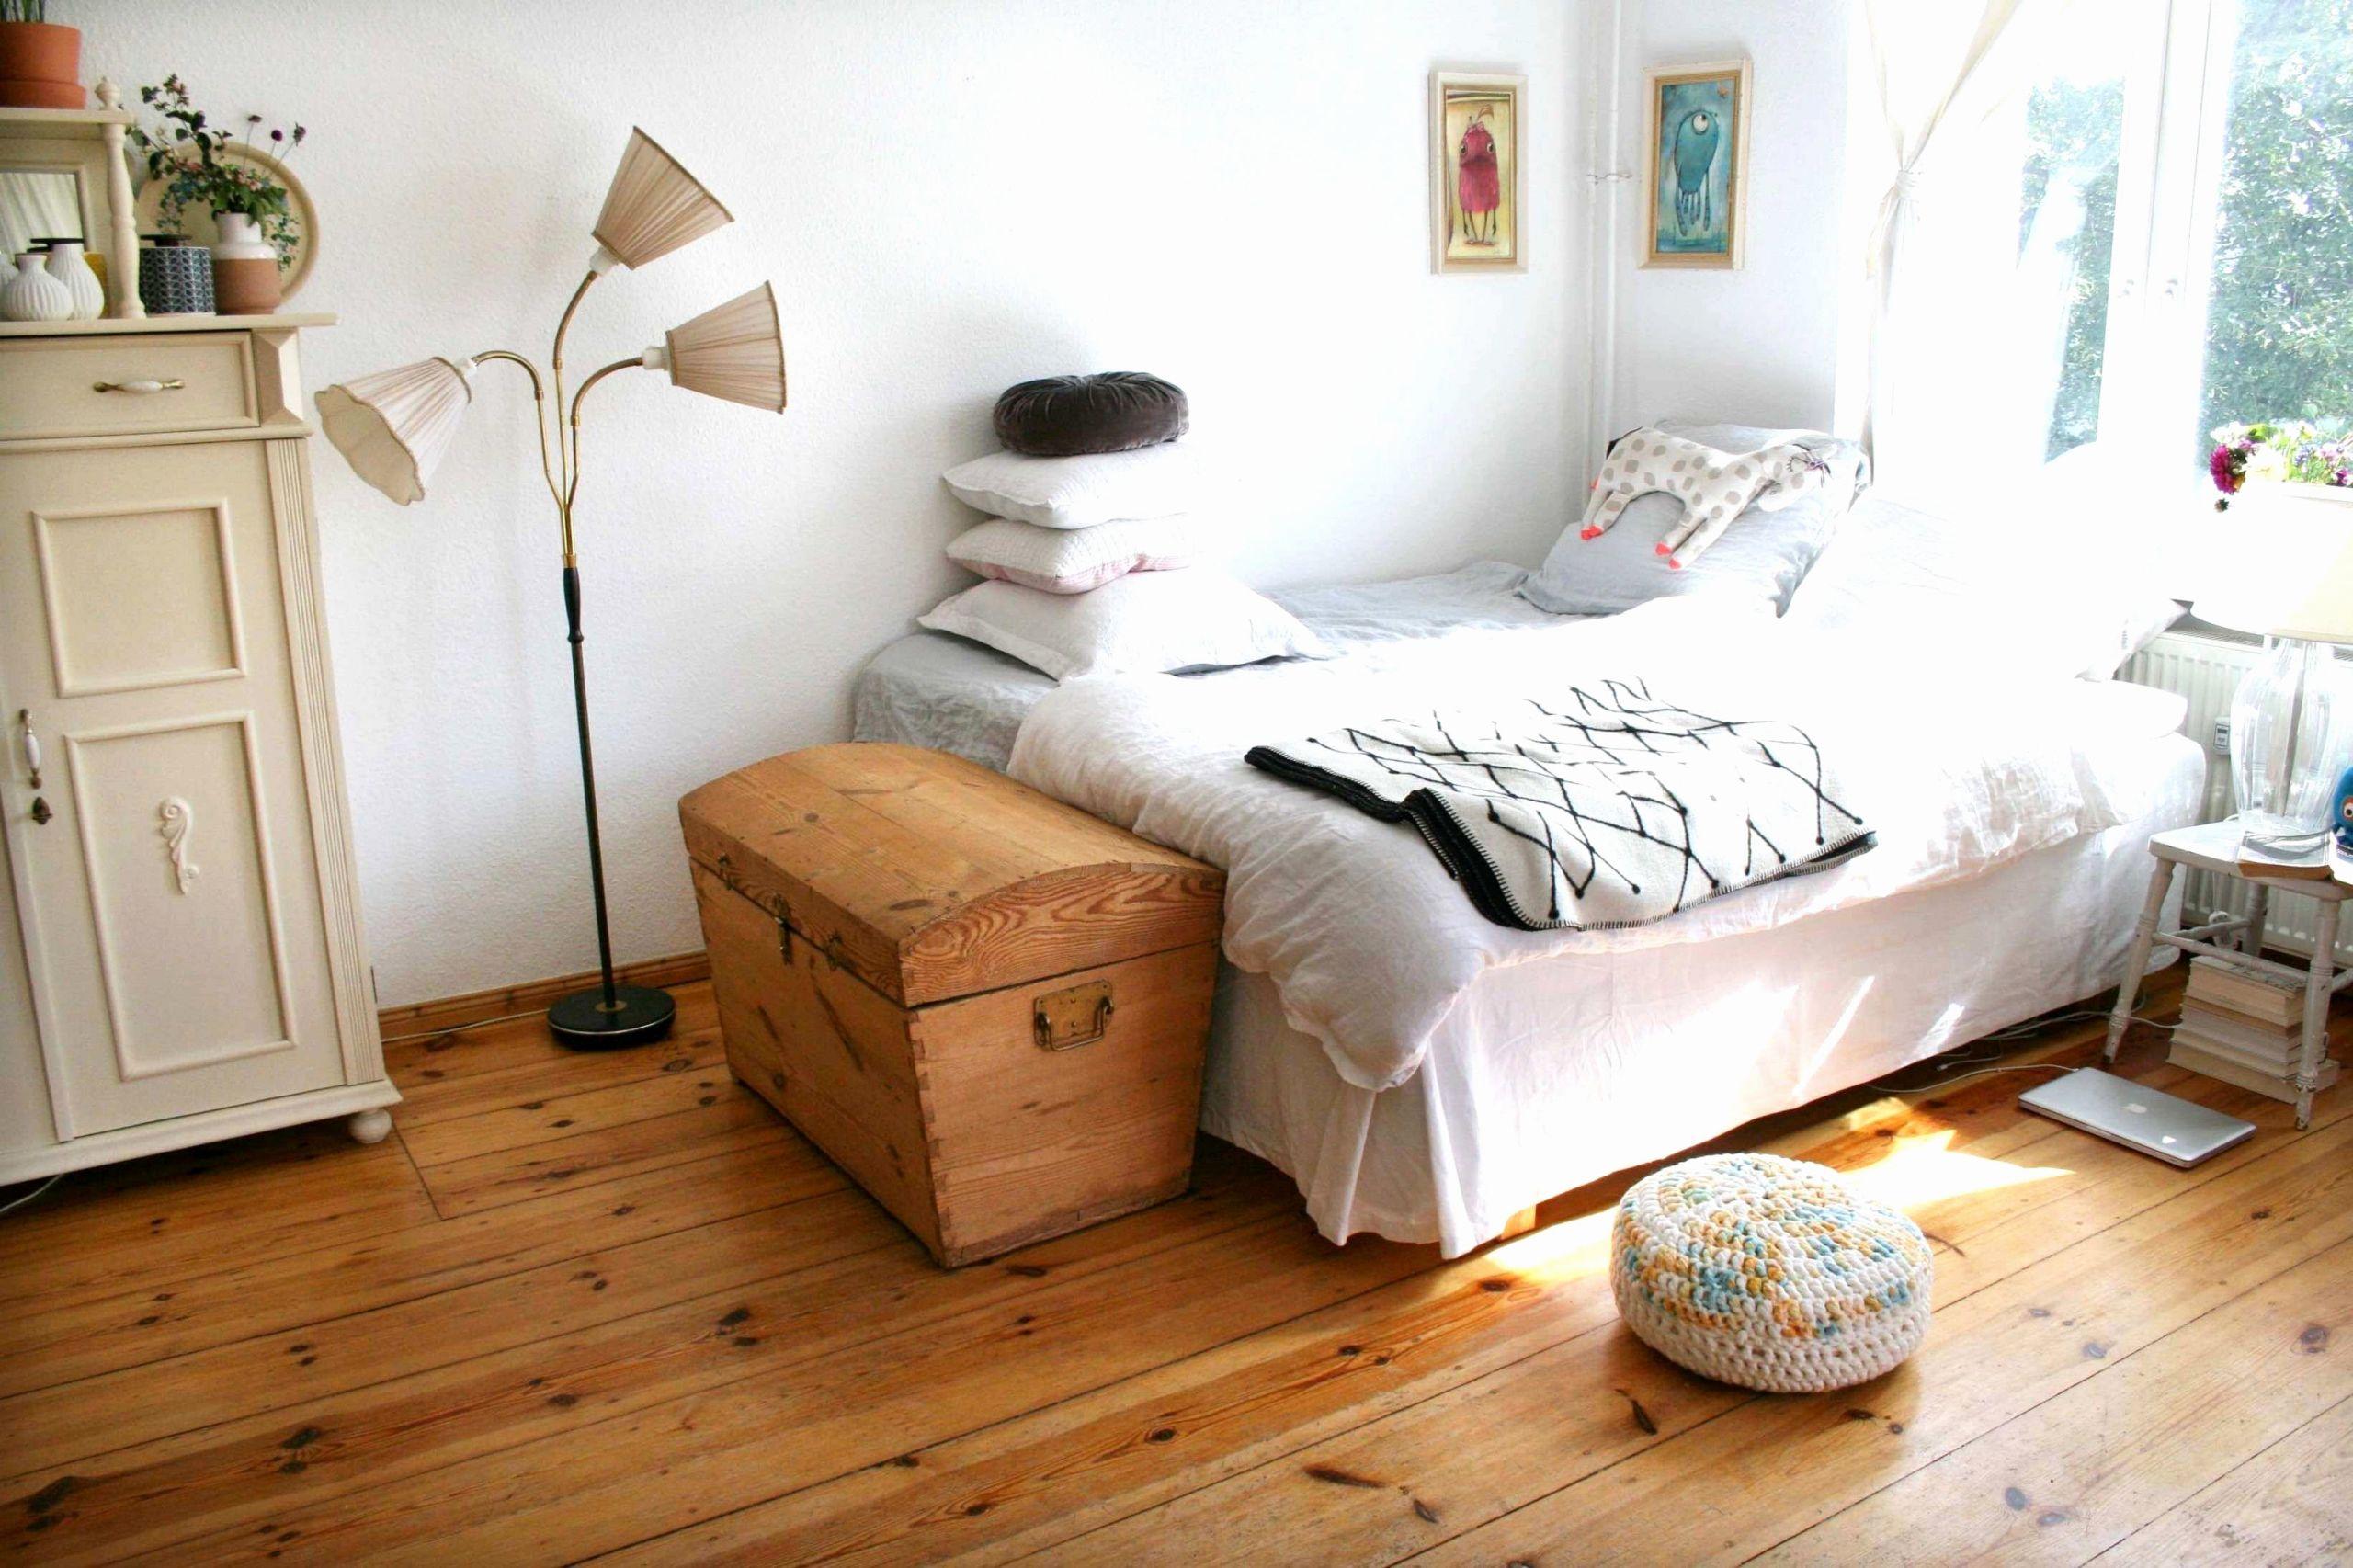 beistelltisch ideen deko selber machen ikea tisch bauen holz rund elegant couchtisch